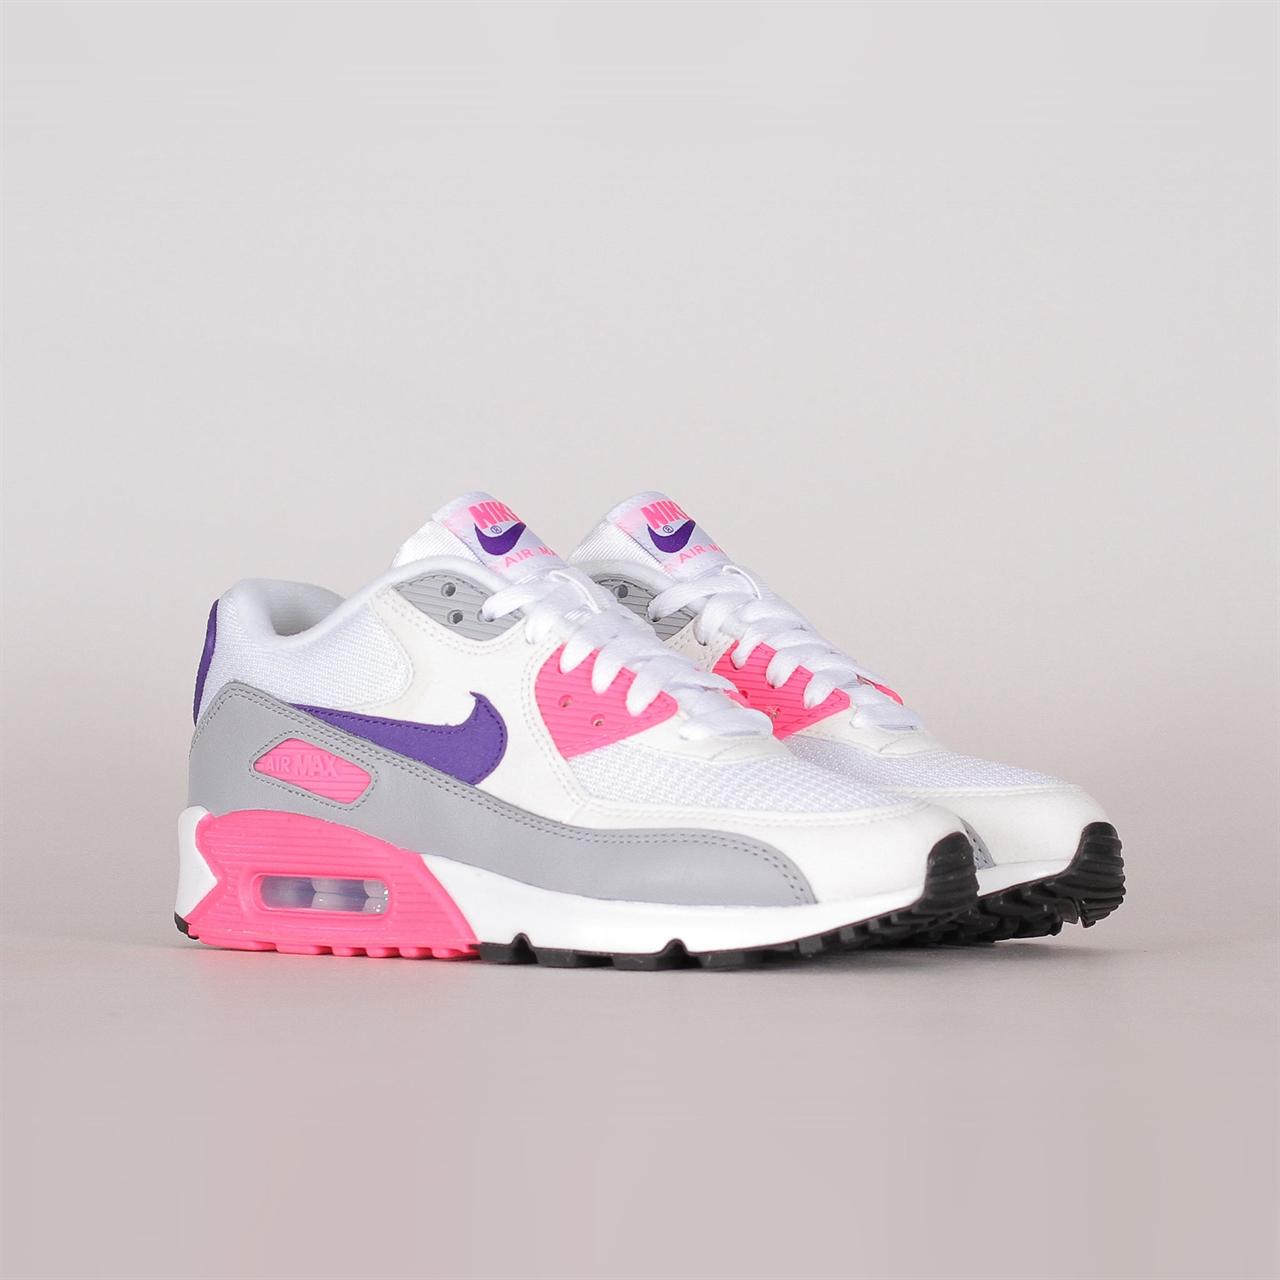 Shelta - Nike Sportswear Womens Air Max 90 (325213-136) 3813495931